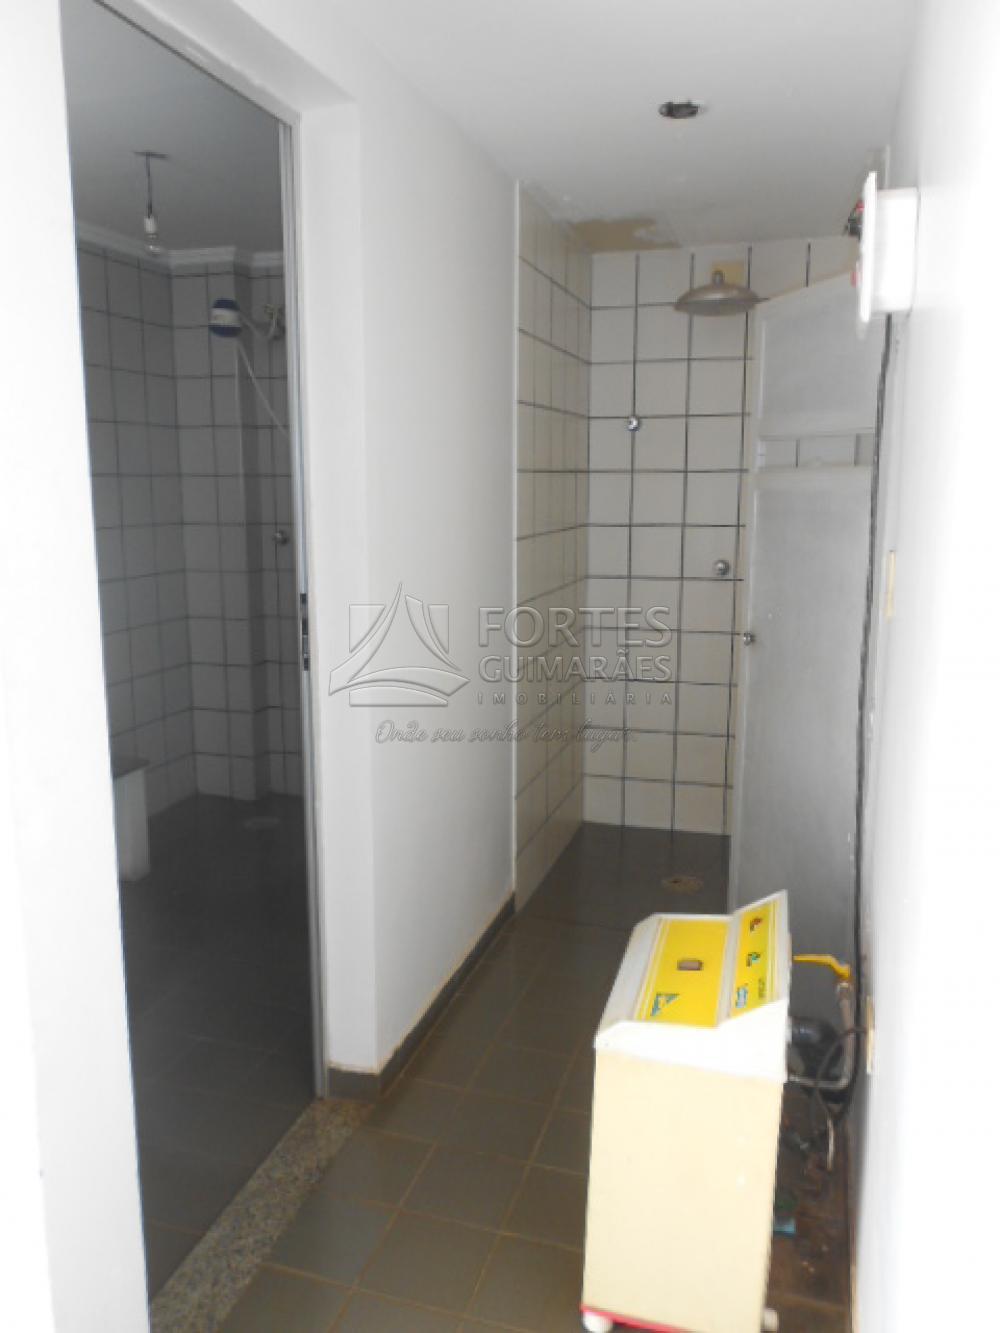 Alugar Apartamentos / Padrão em Ribeirão Preto apenas R$ 850,00 - Foto 20